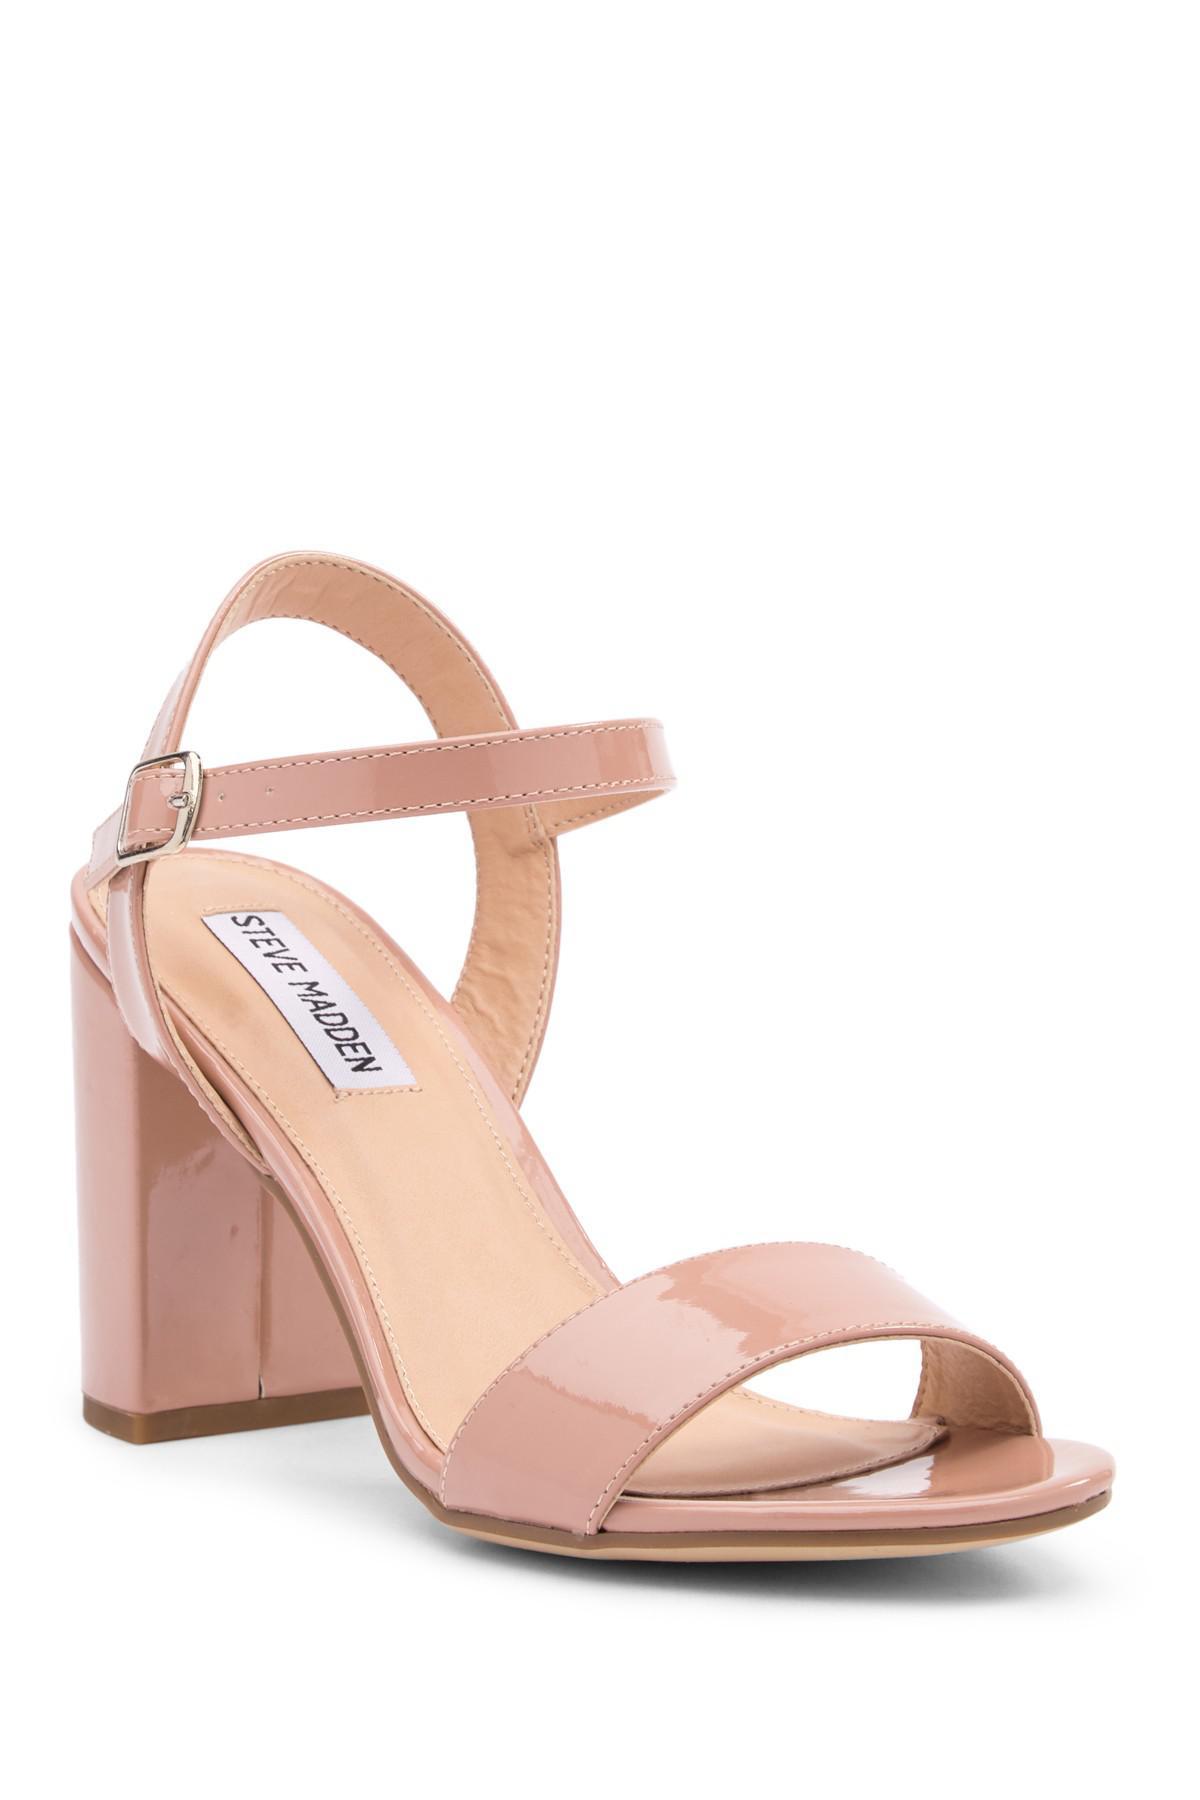 Lyst - Steve Madden Selfish Sandal in Pink